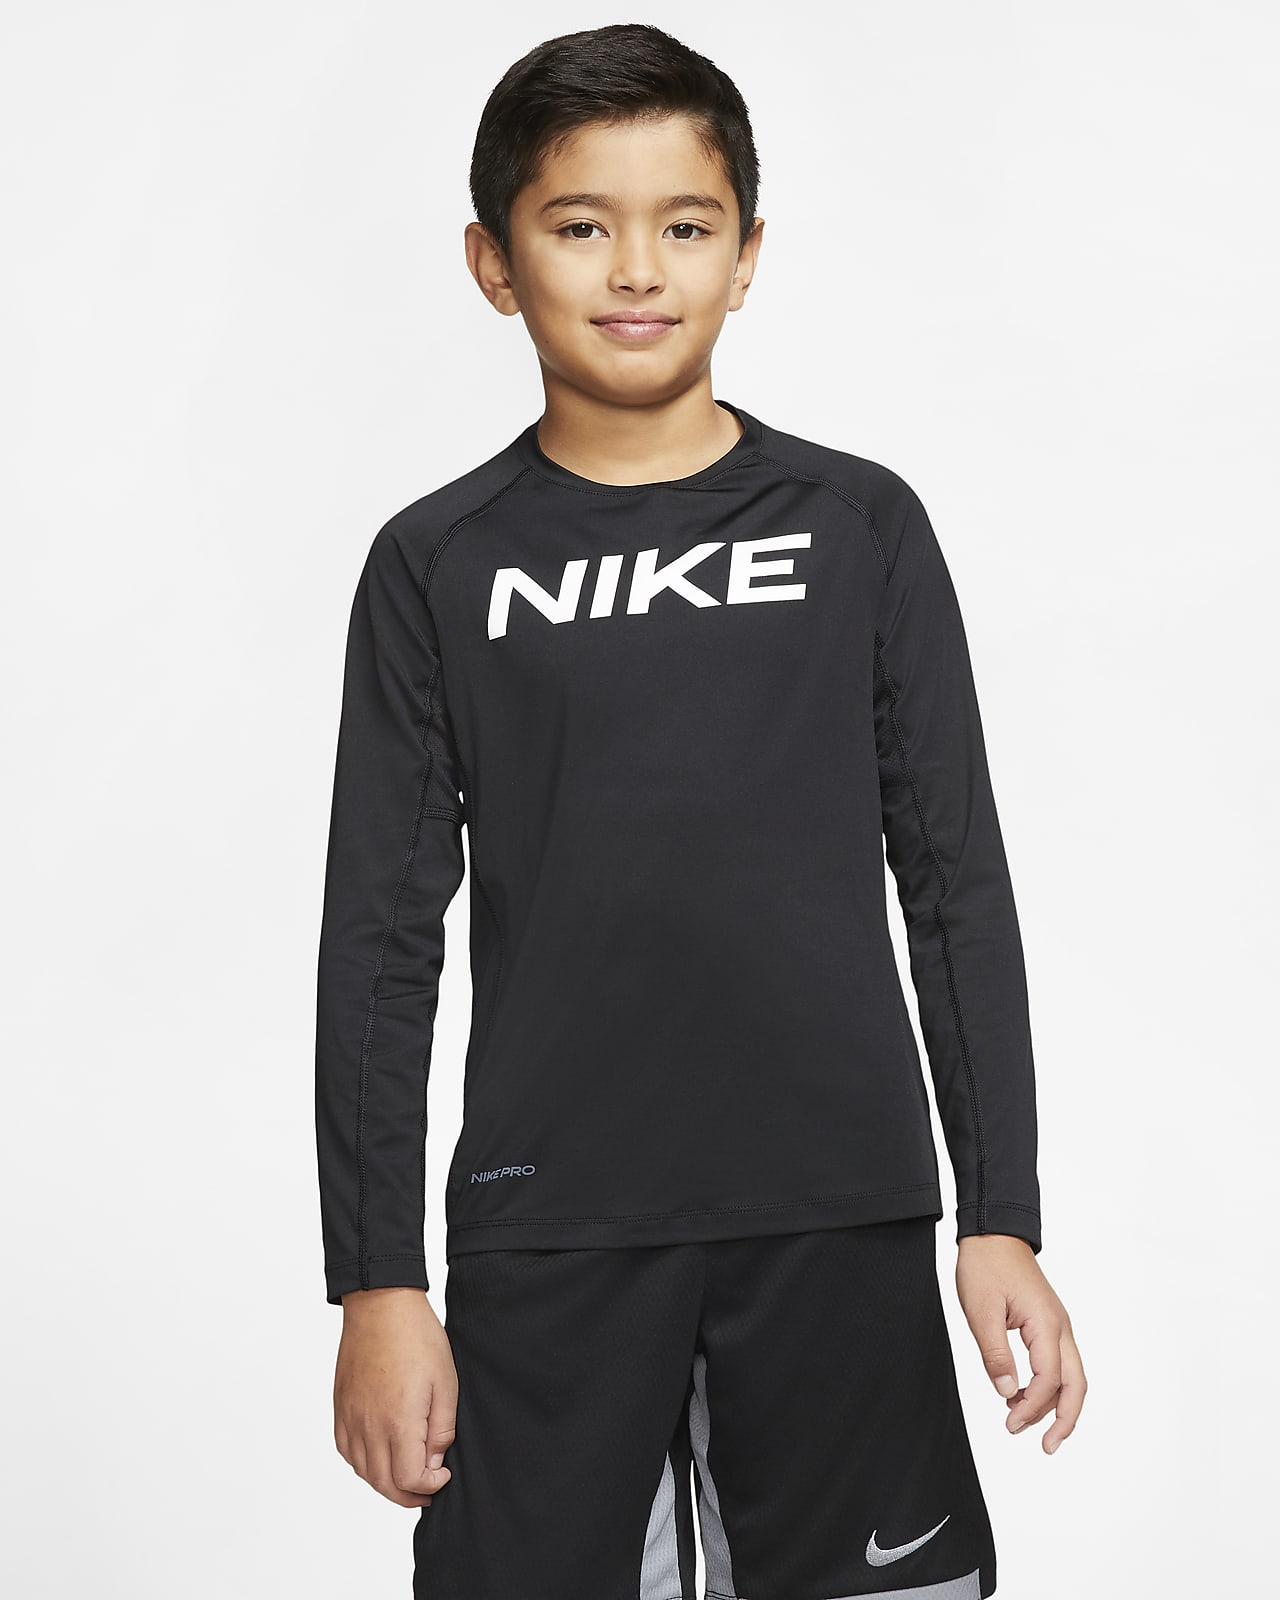 Tréninkové tričko Nike Pro s dlouhým rukávem pro větší děti (chlapce)